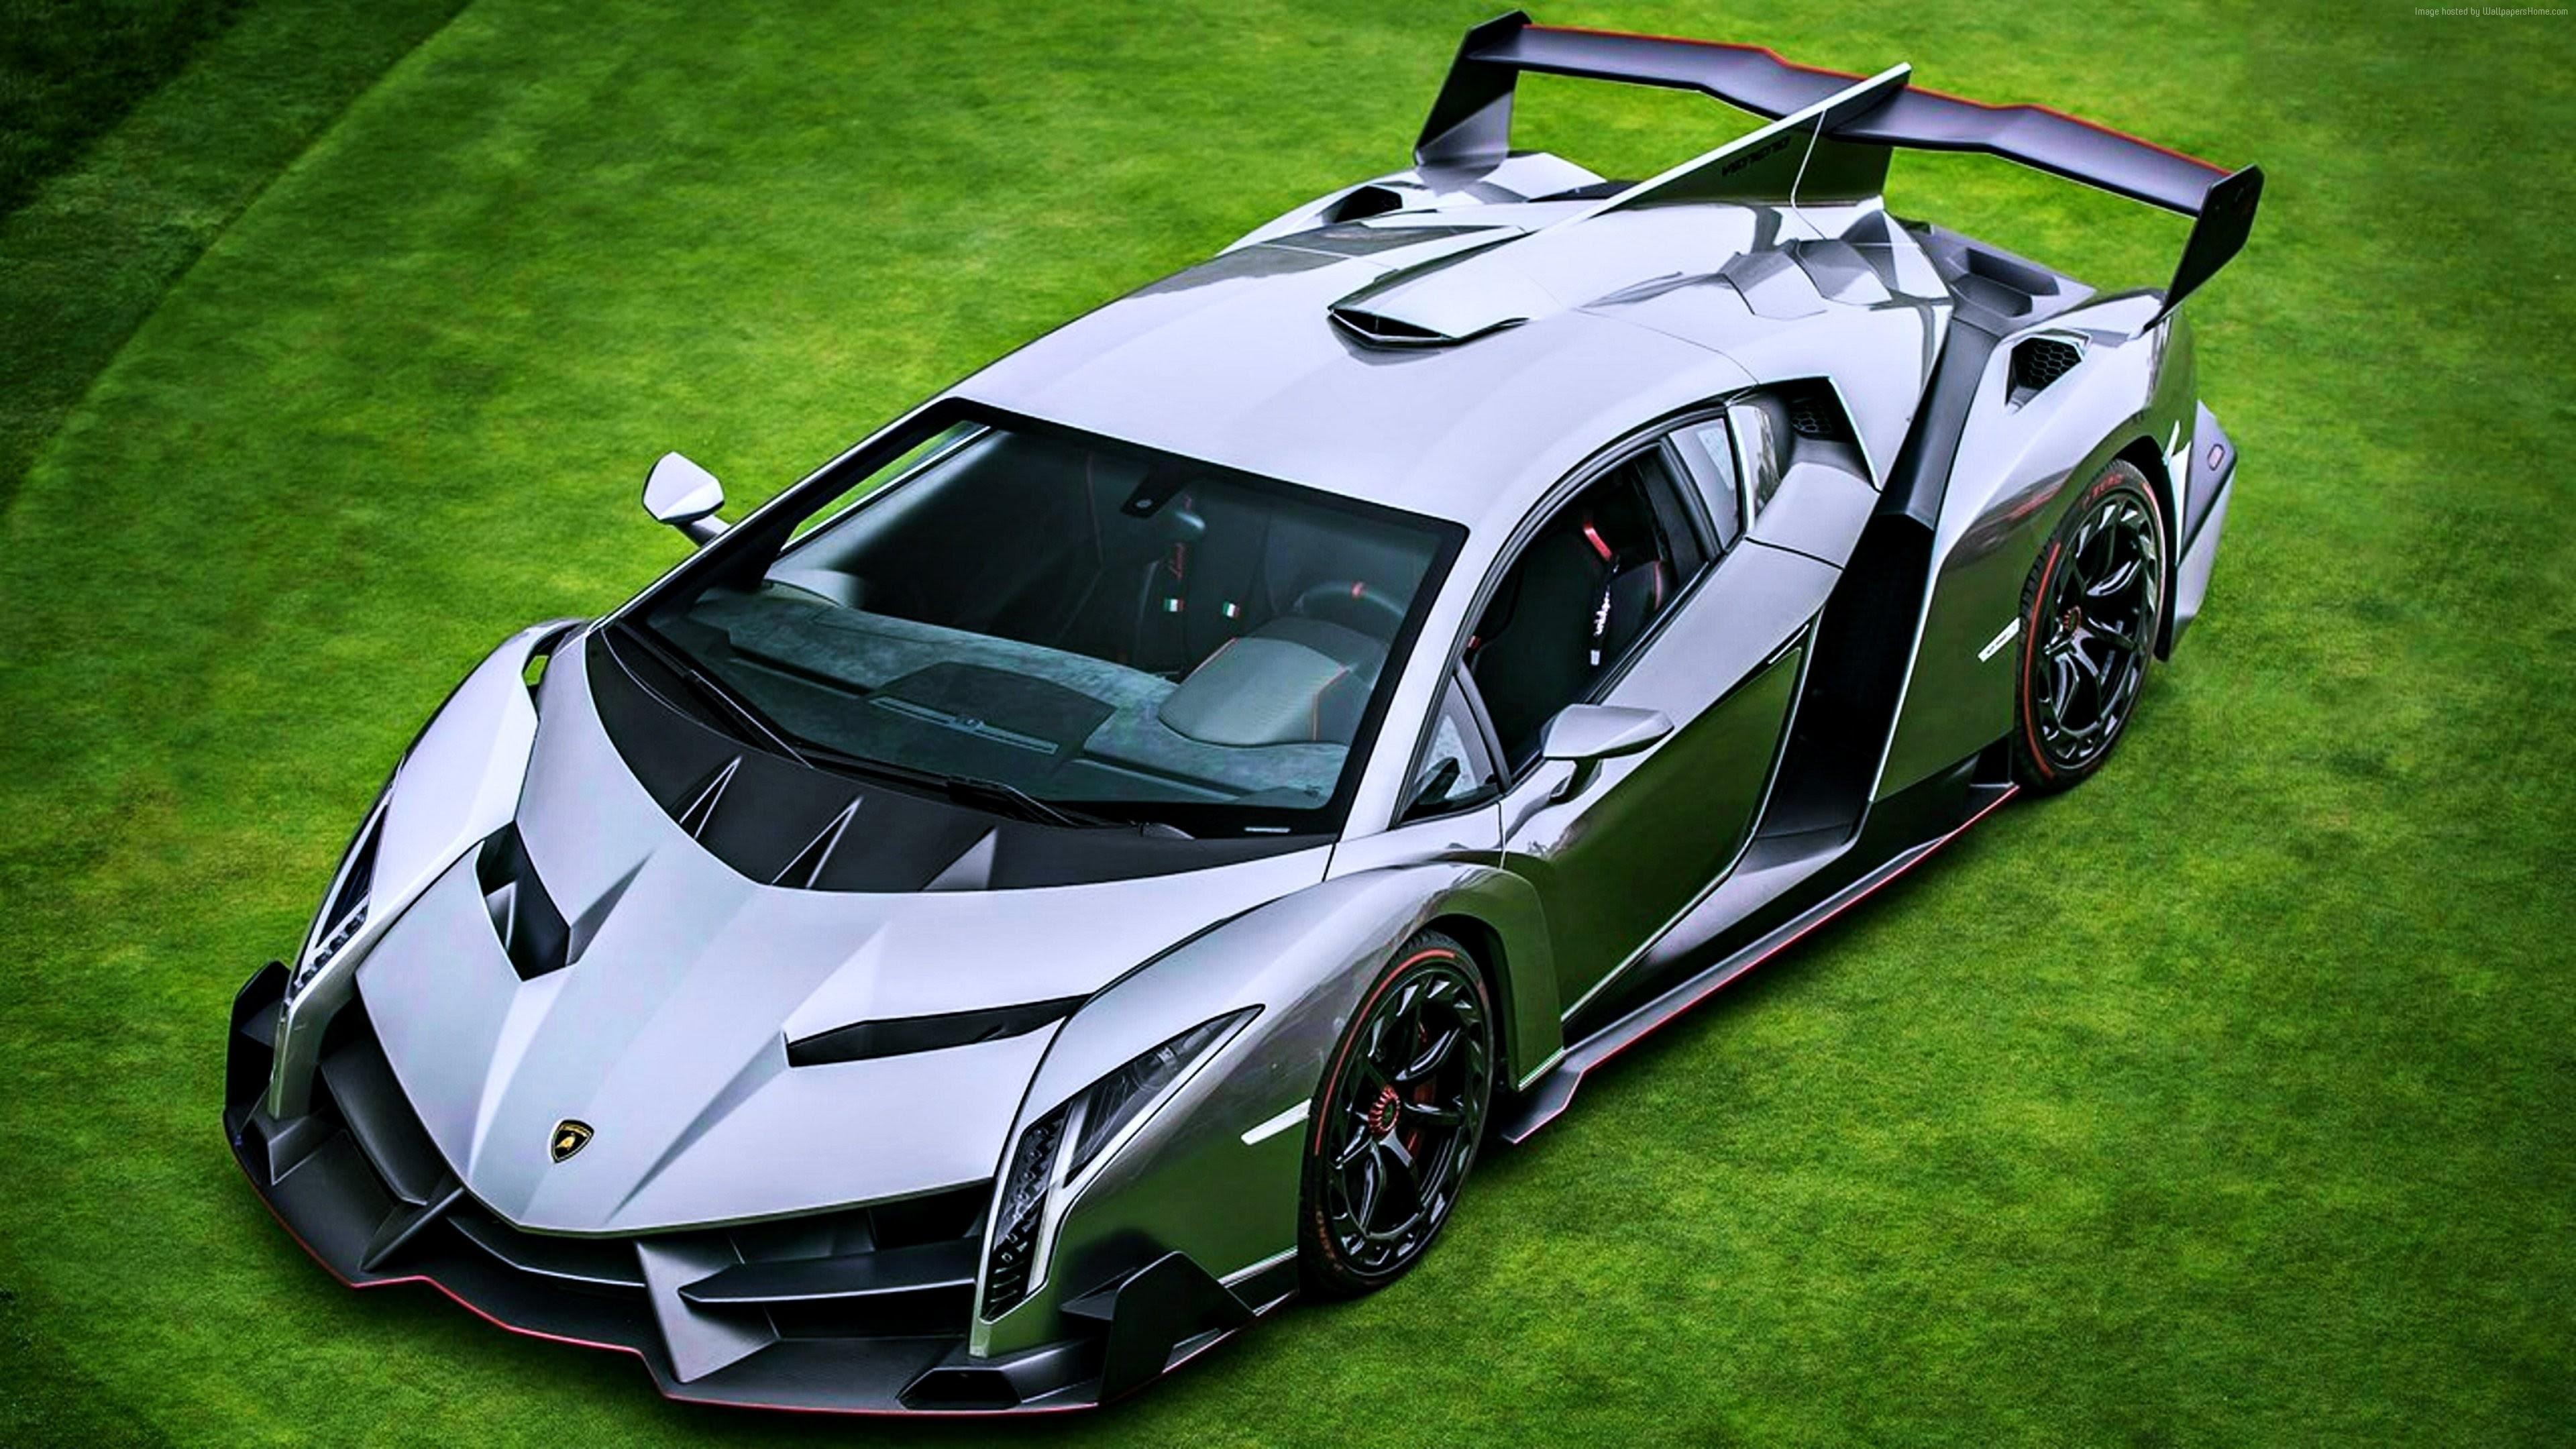 Supercars Gallery Lamborghini Veneno Neon Blue